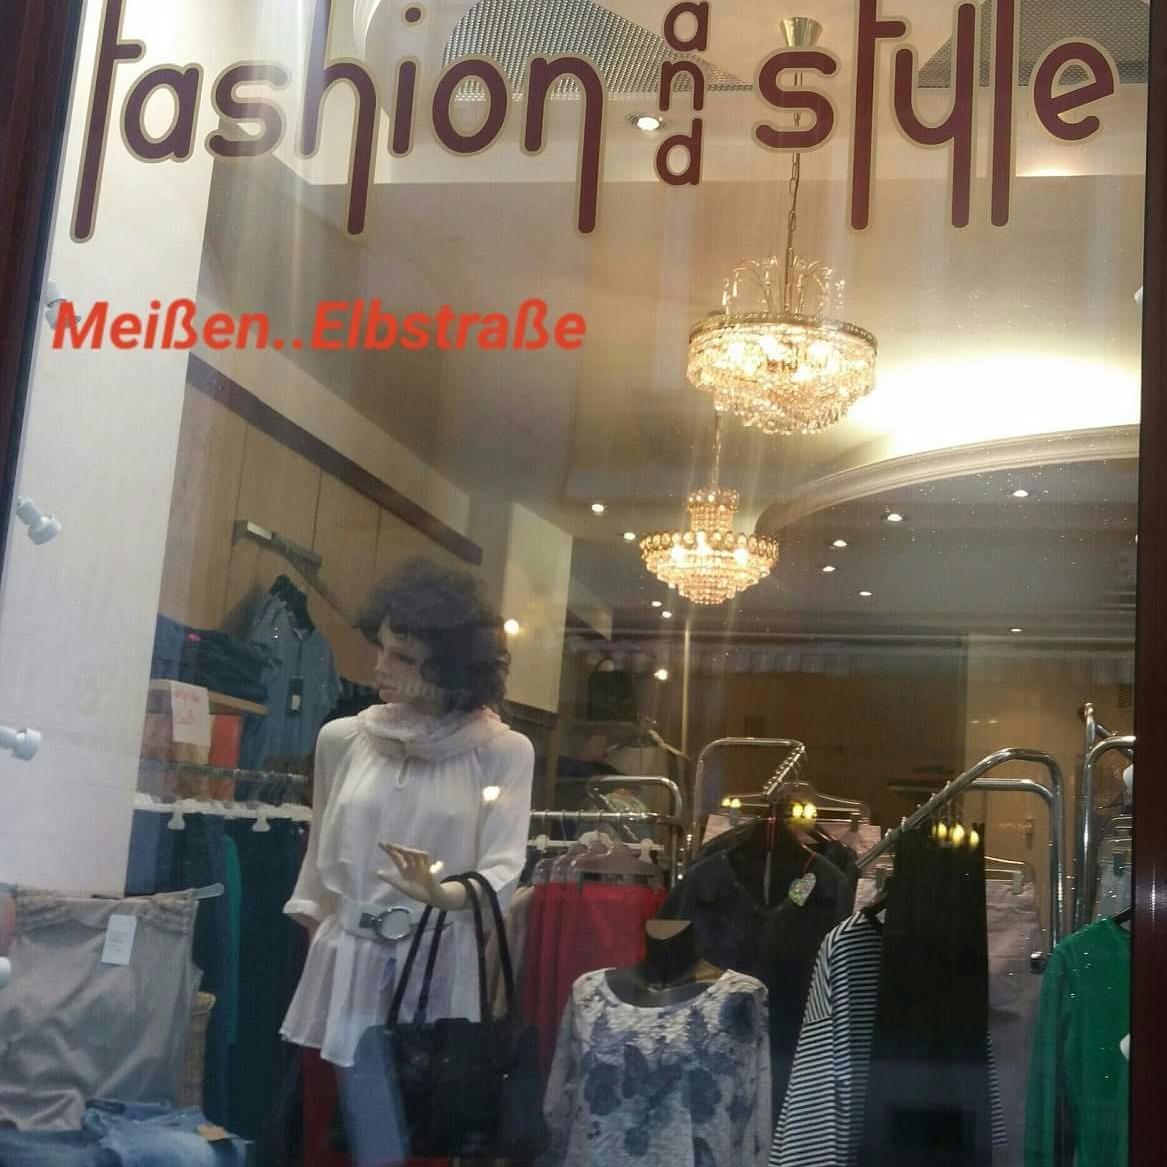 Bild zu Fashion and Style in Meißen